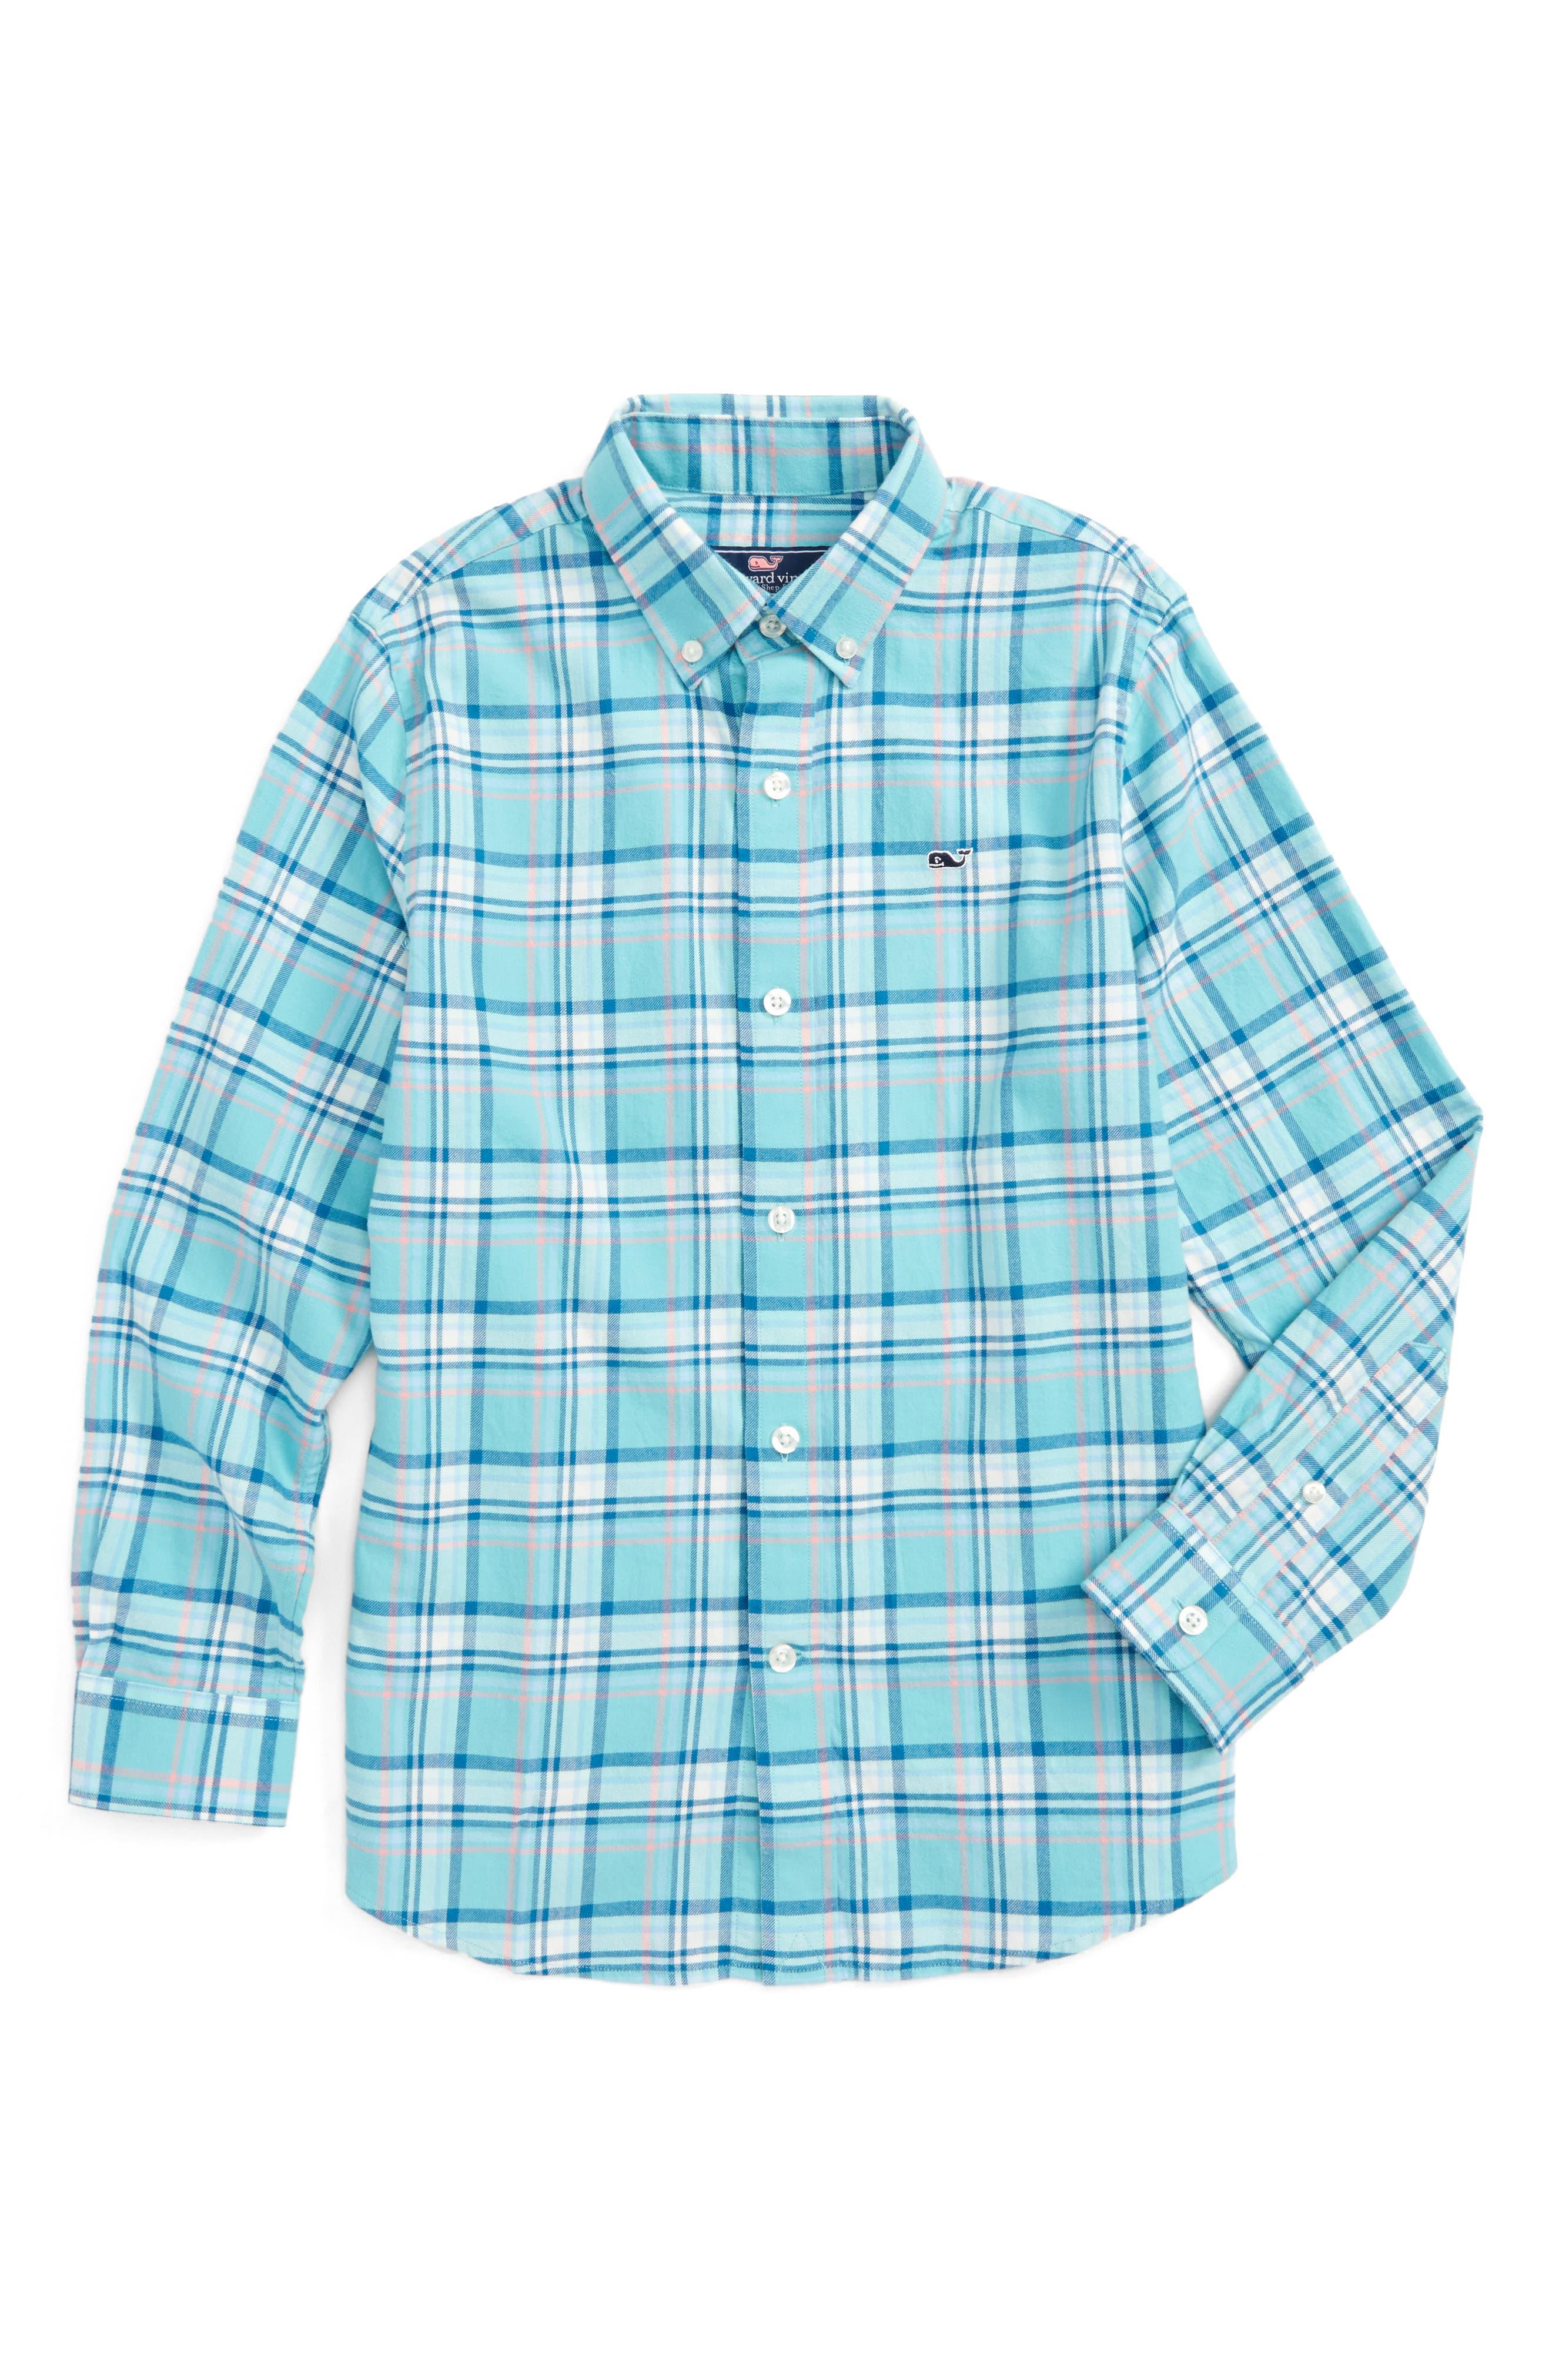 Vineyard Vines Loblolly Plaid Shirt (Big Boys)